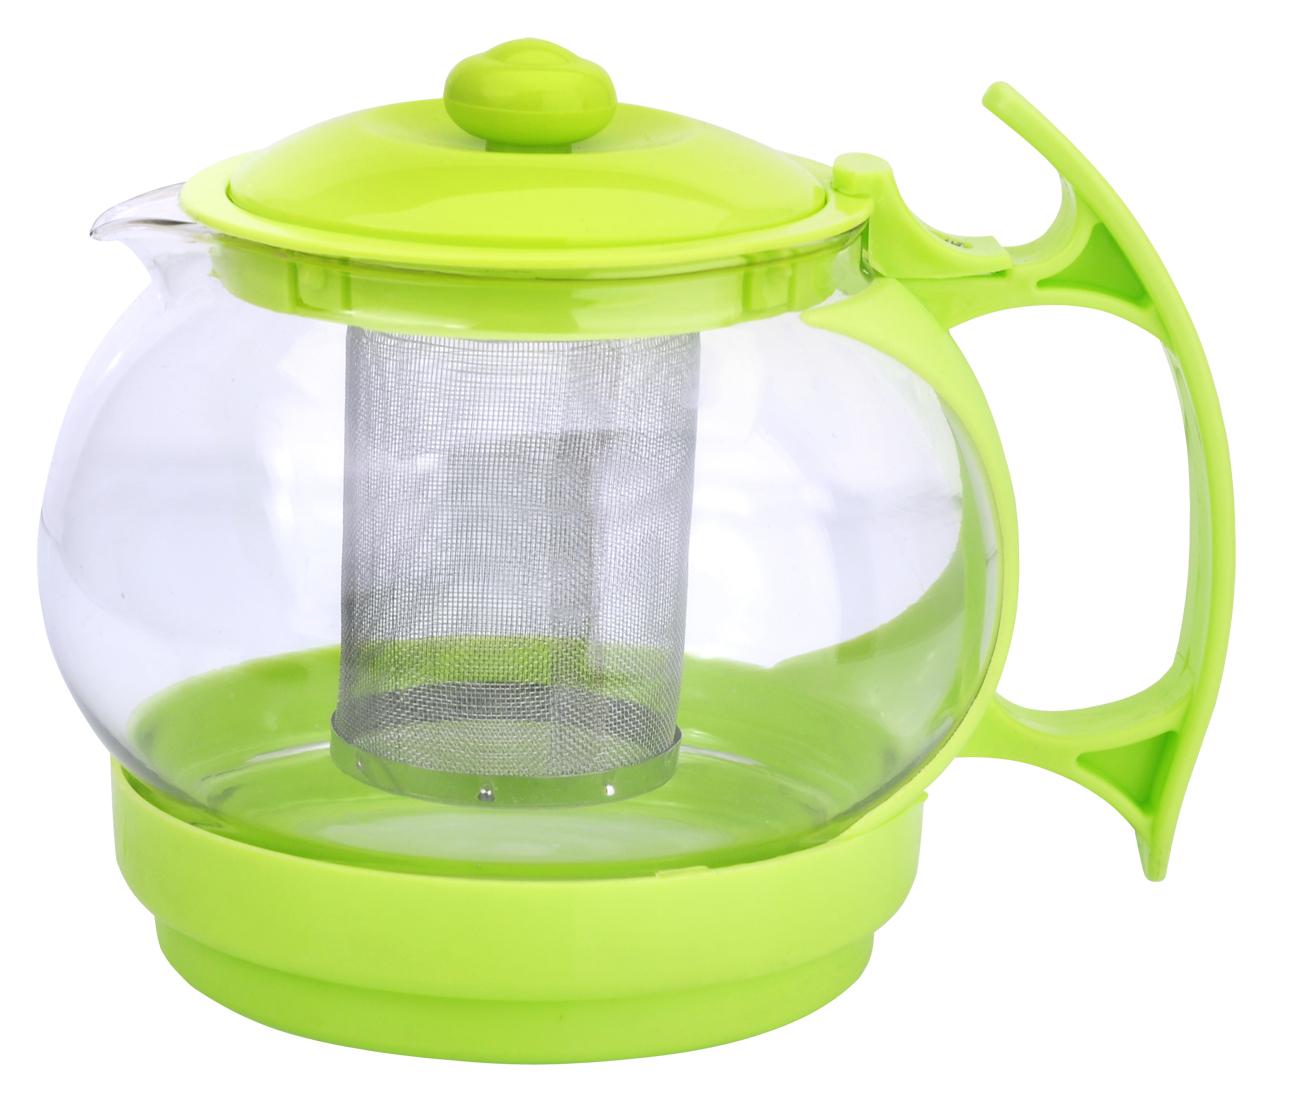 Чайник заварочный МФК-профит, с фильтром, цвет: зеленый, 1,1 л827Заварочный чайник МФК-профит предоставит вам все необходимые возможности для успешного заваривания чая. Он изготовлен из термостойкого стекла и оснащен крышкой и ручкой из пластика, также имеется вставка из нержавеющей стали. Чай в таком чайнике дольше остается горячим, а полезные и ароматические вещества полностью сохраняются в напитке. Чайник оснащен фильтром, который выполнен из нержавеющей стали. Простой и удобный чайник поможет вам приготовить крепкий, ароматный чай. Нельзя мыть в посудомоечной машине. Не использовать в микроволновой печи.